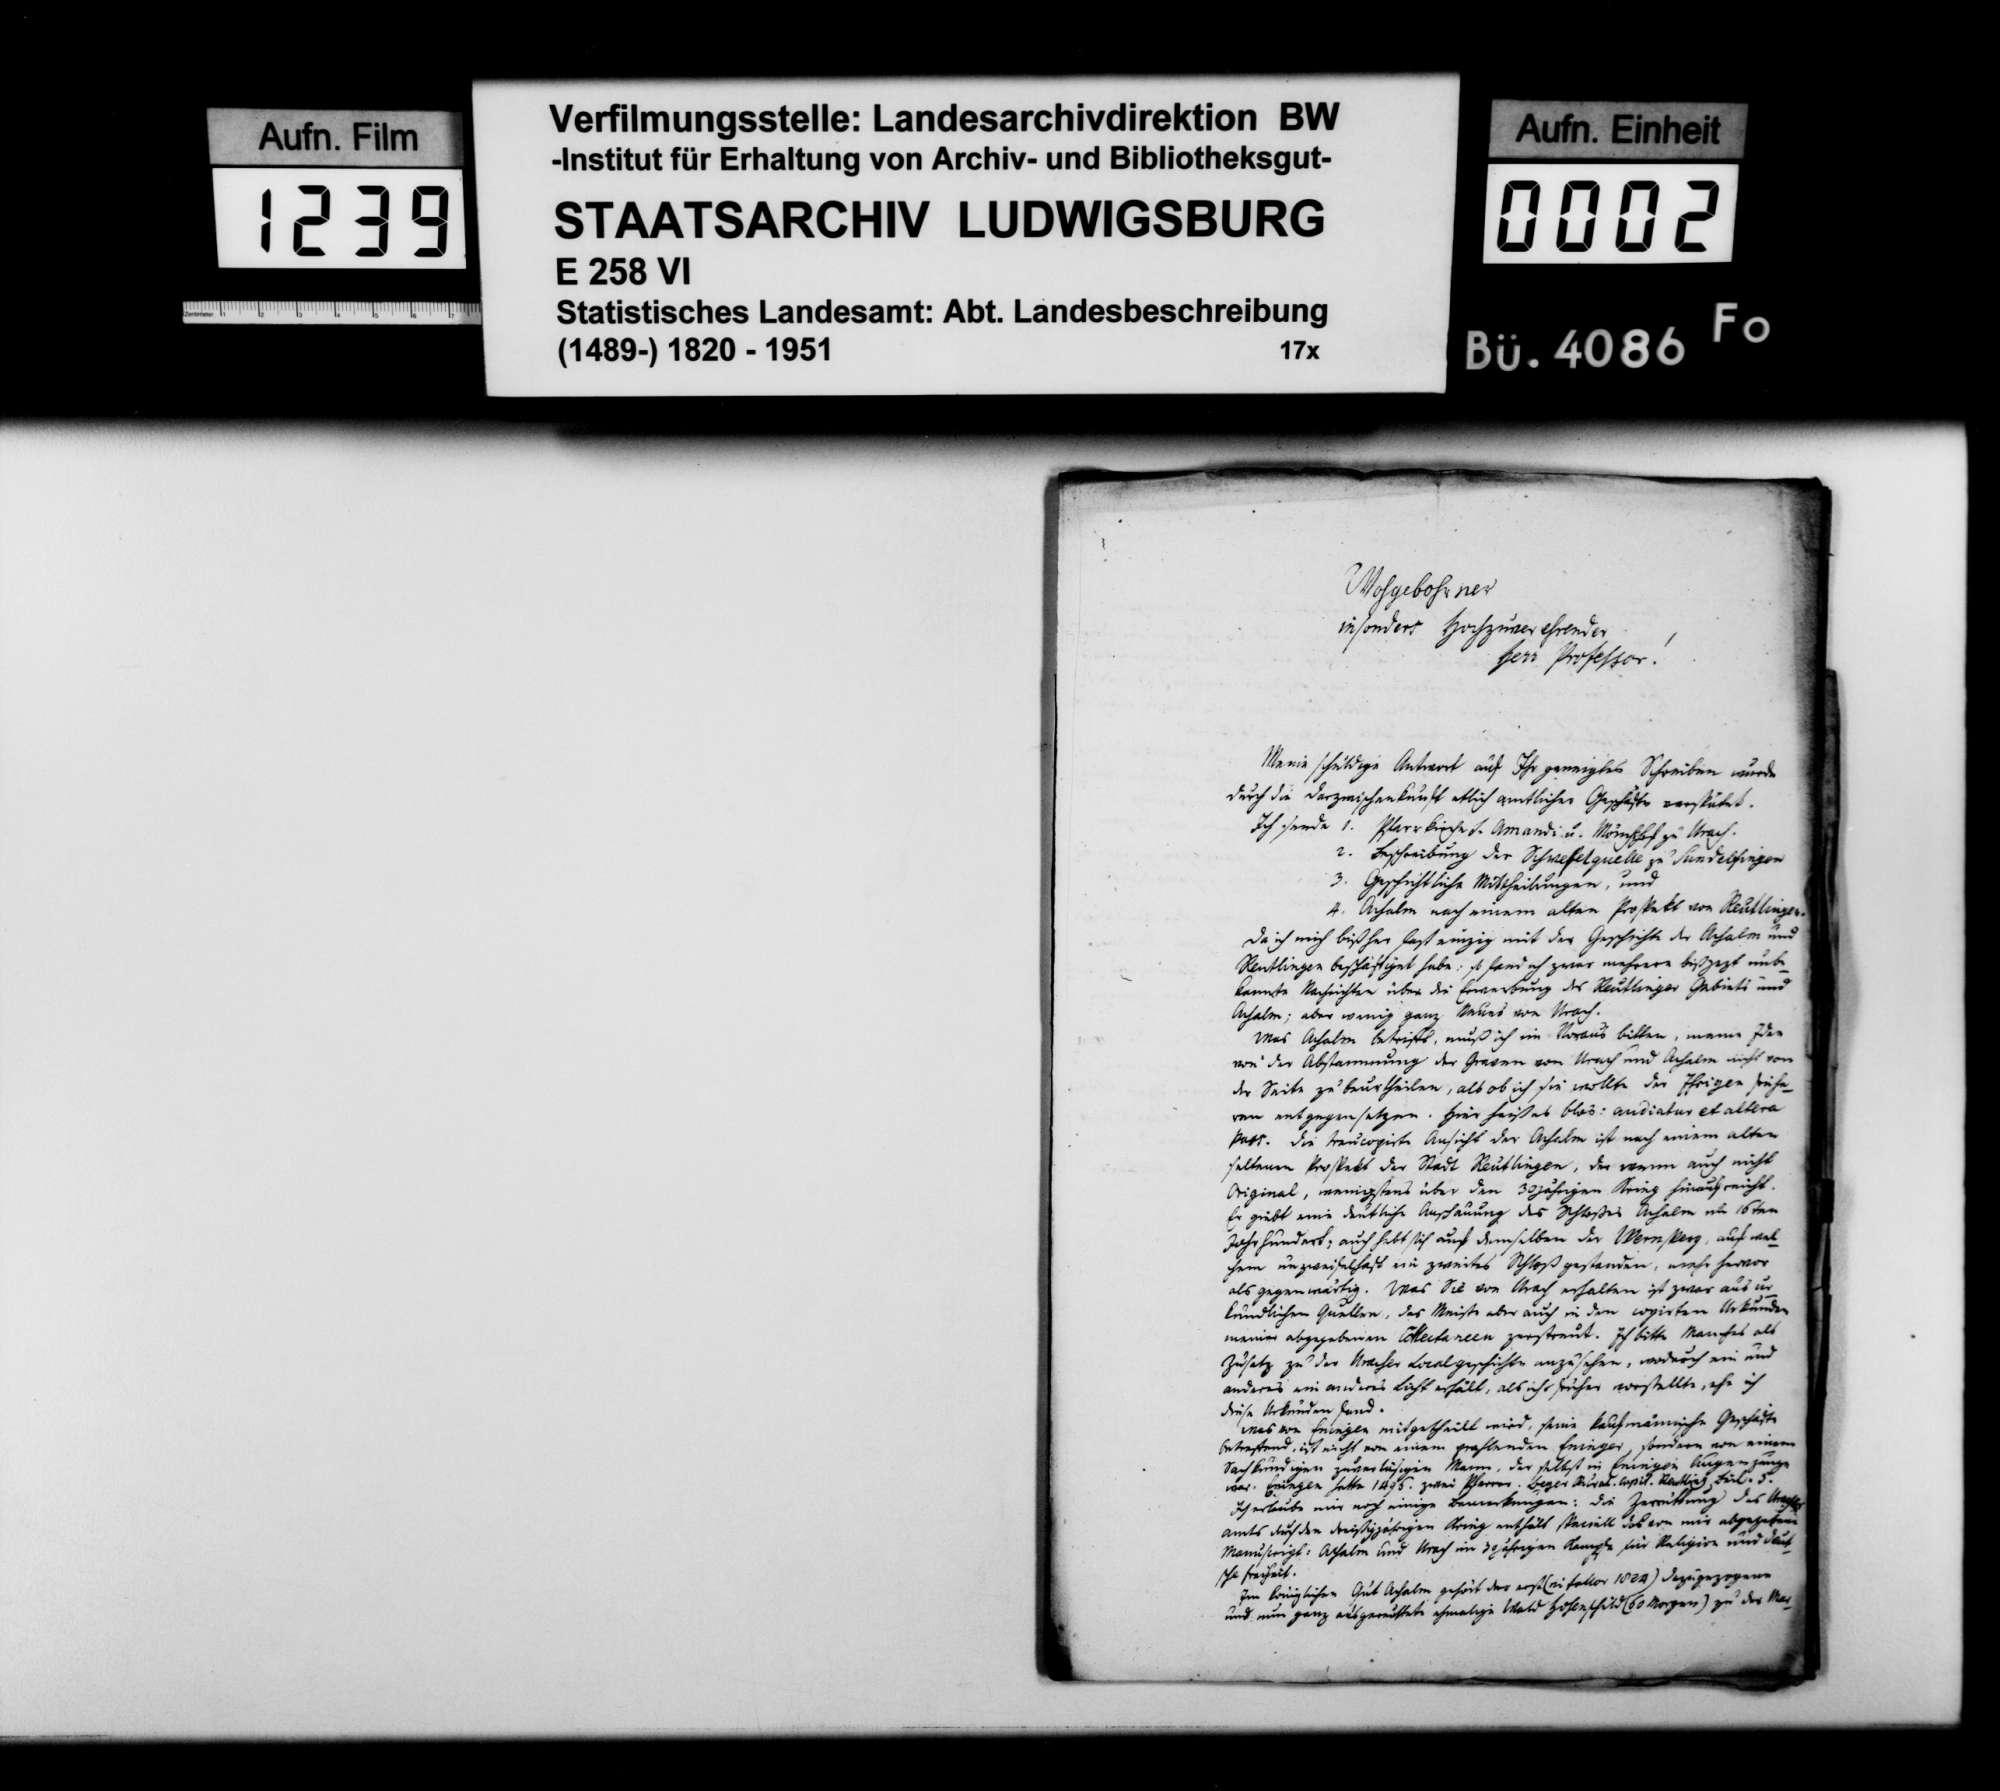 Antworten auf Nachfragen von Johann Daniel Georg Memminger zu Details der OAB, Bild 1